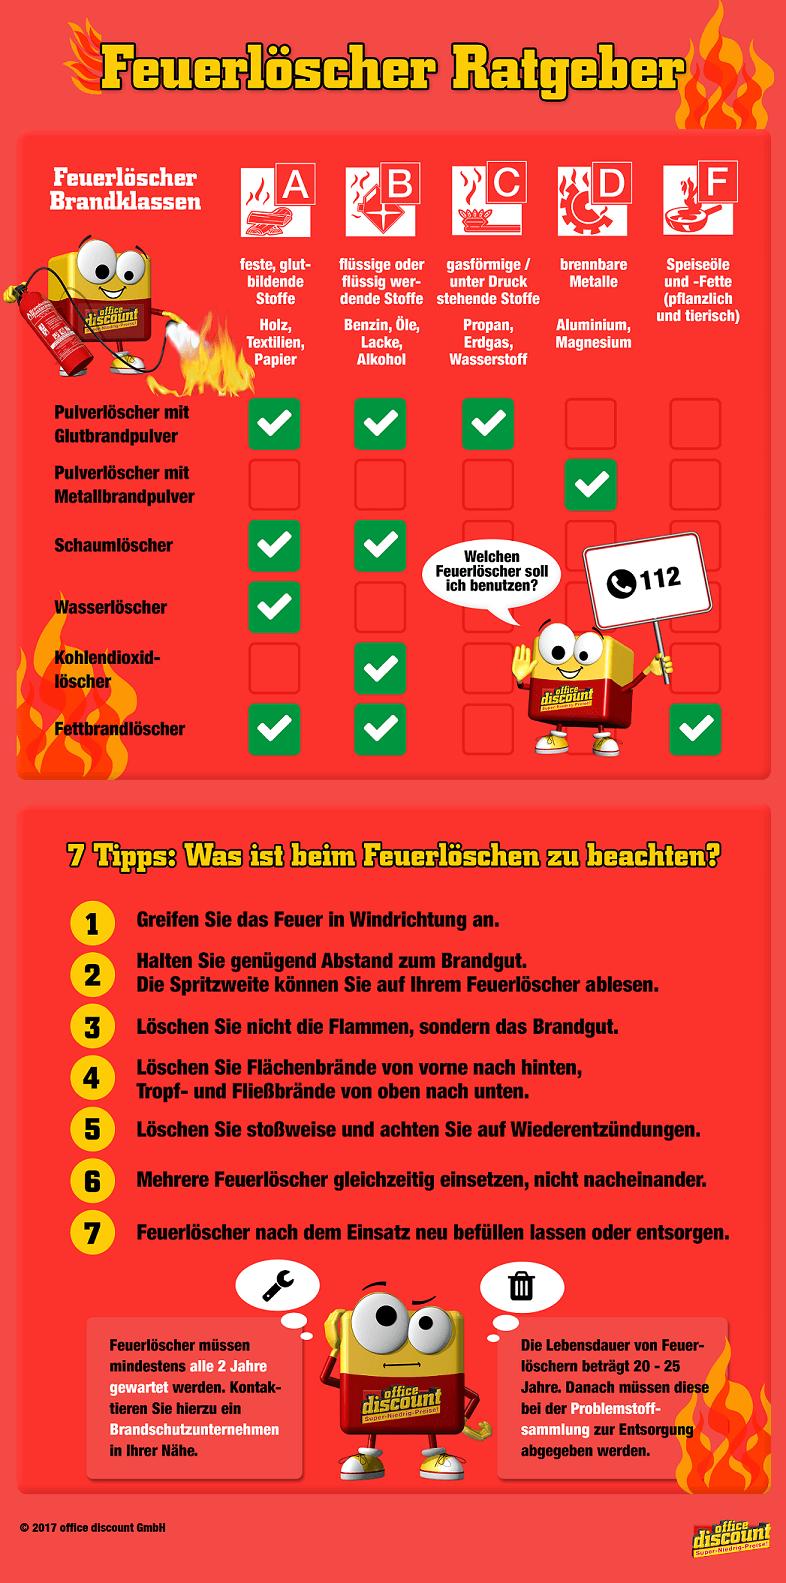 Feuerlöscher-Infografik: Erklärt den Unterschied zwischen dem verschiedenen Feuerlöscher-Typen